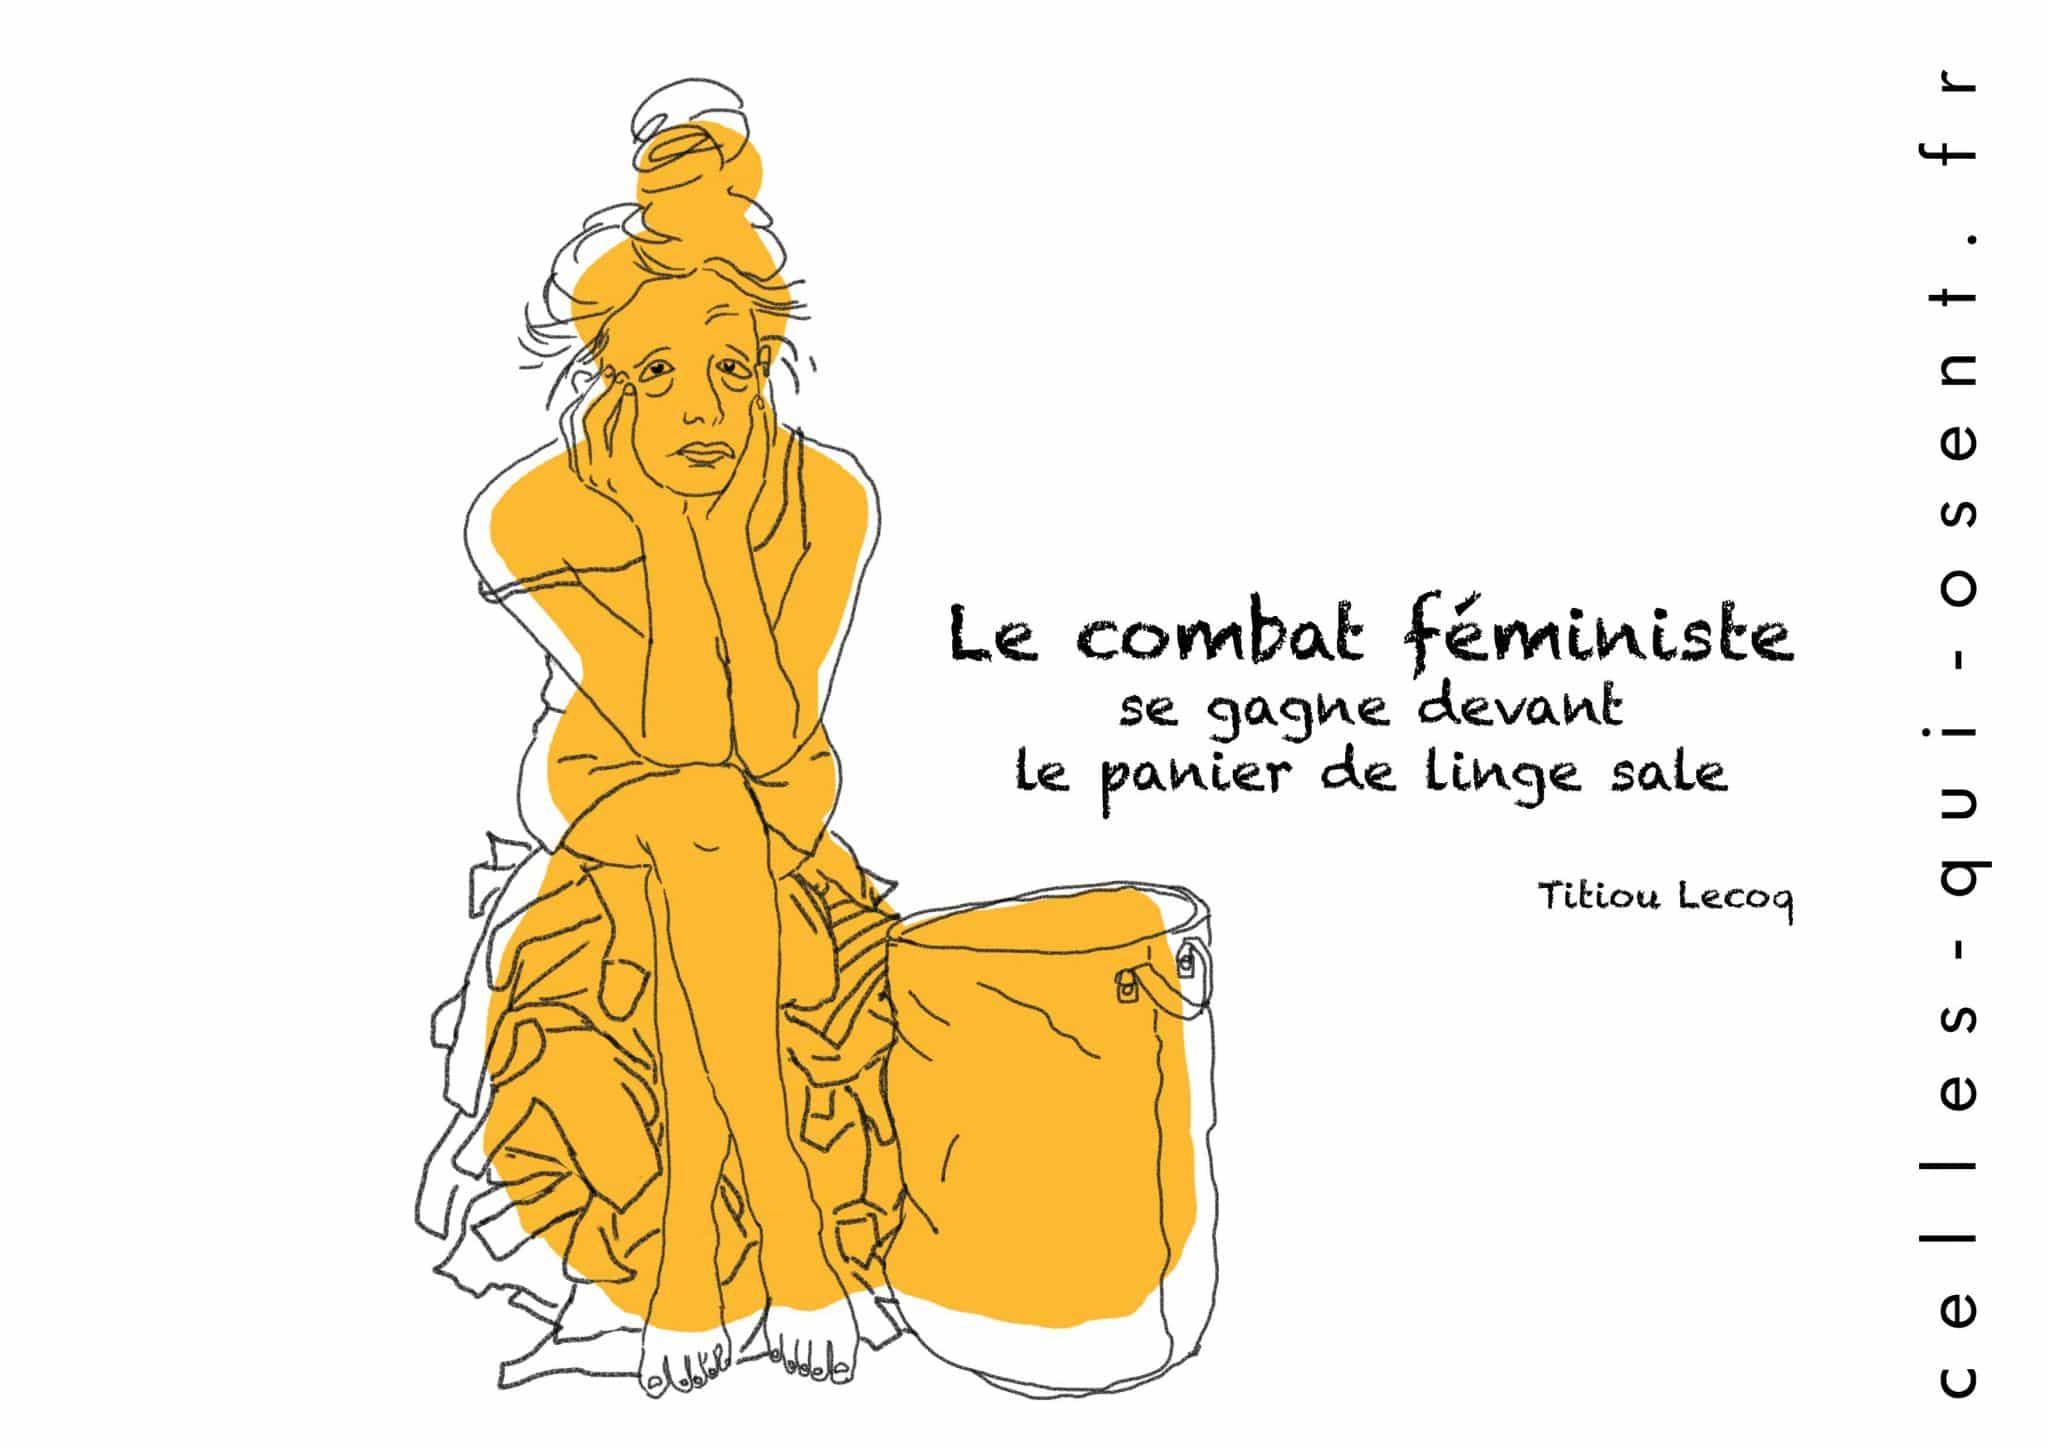 panierdelingesale-titioulecoq-feministe-celles-qui-osent